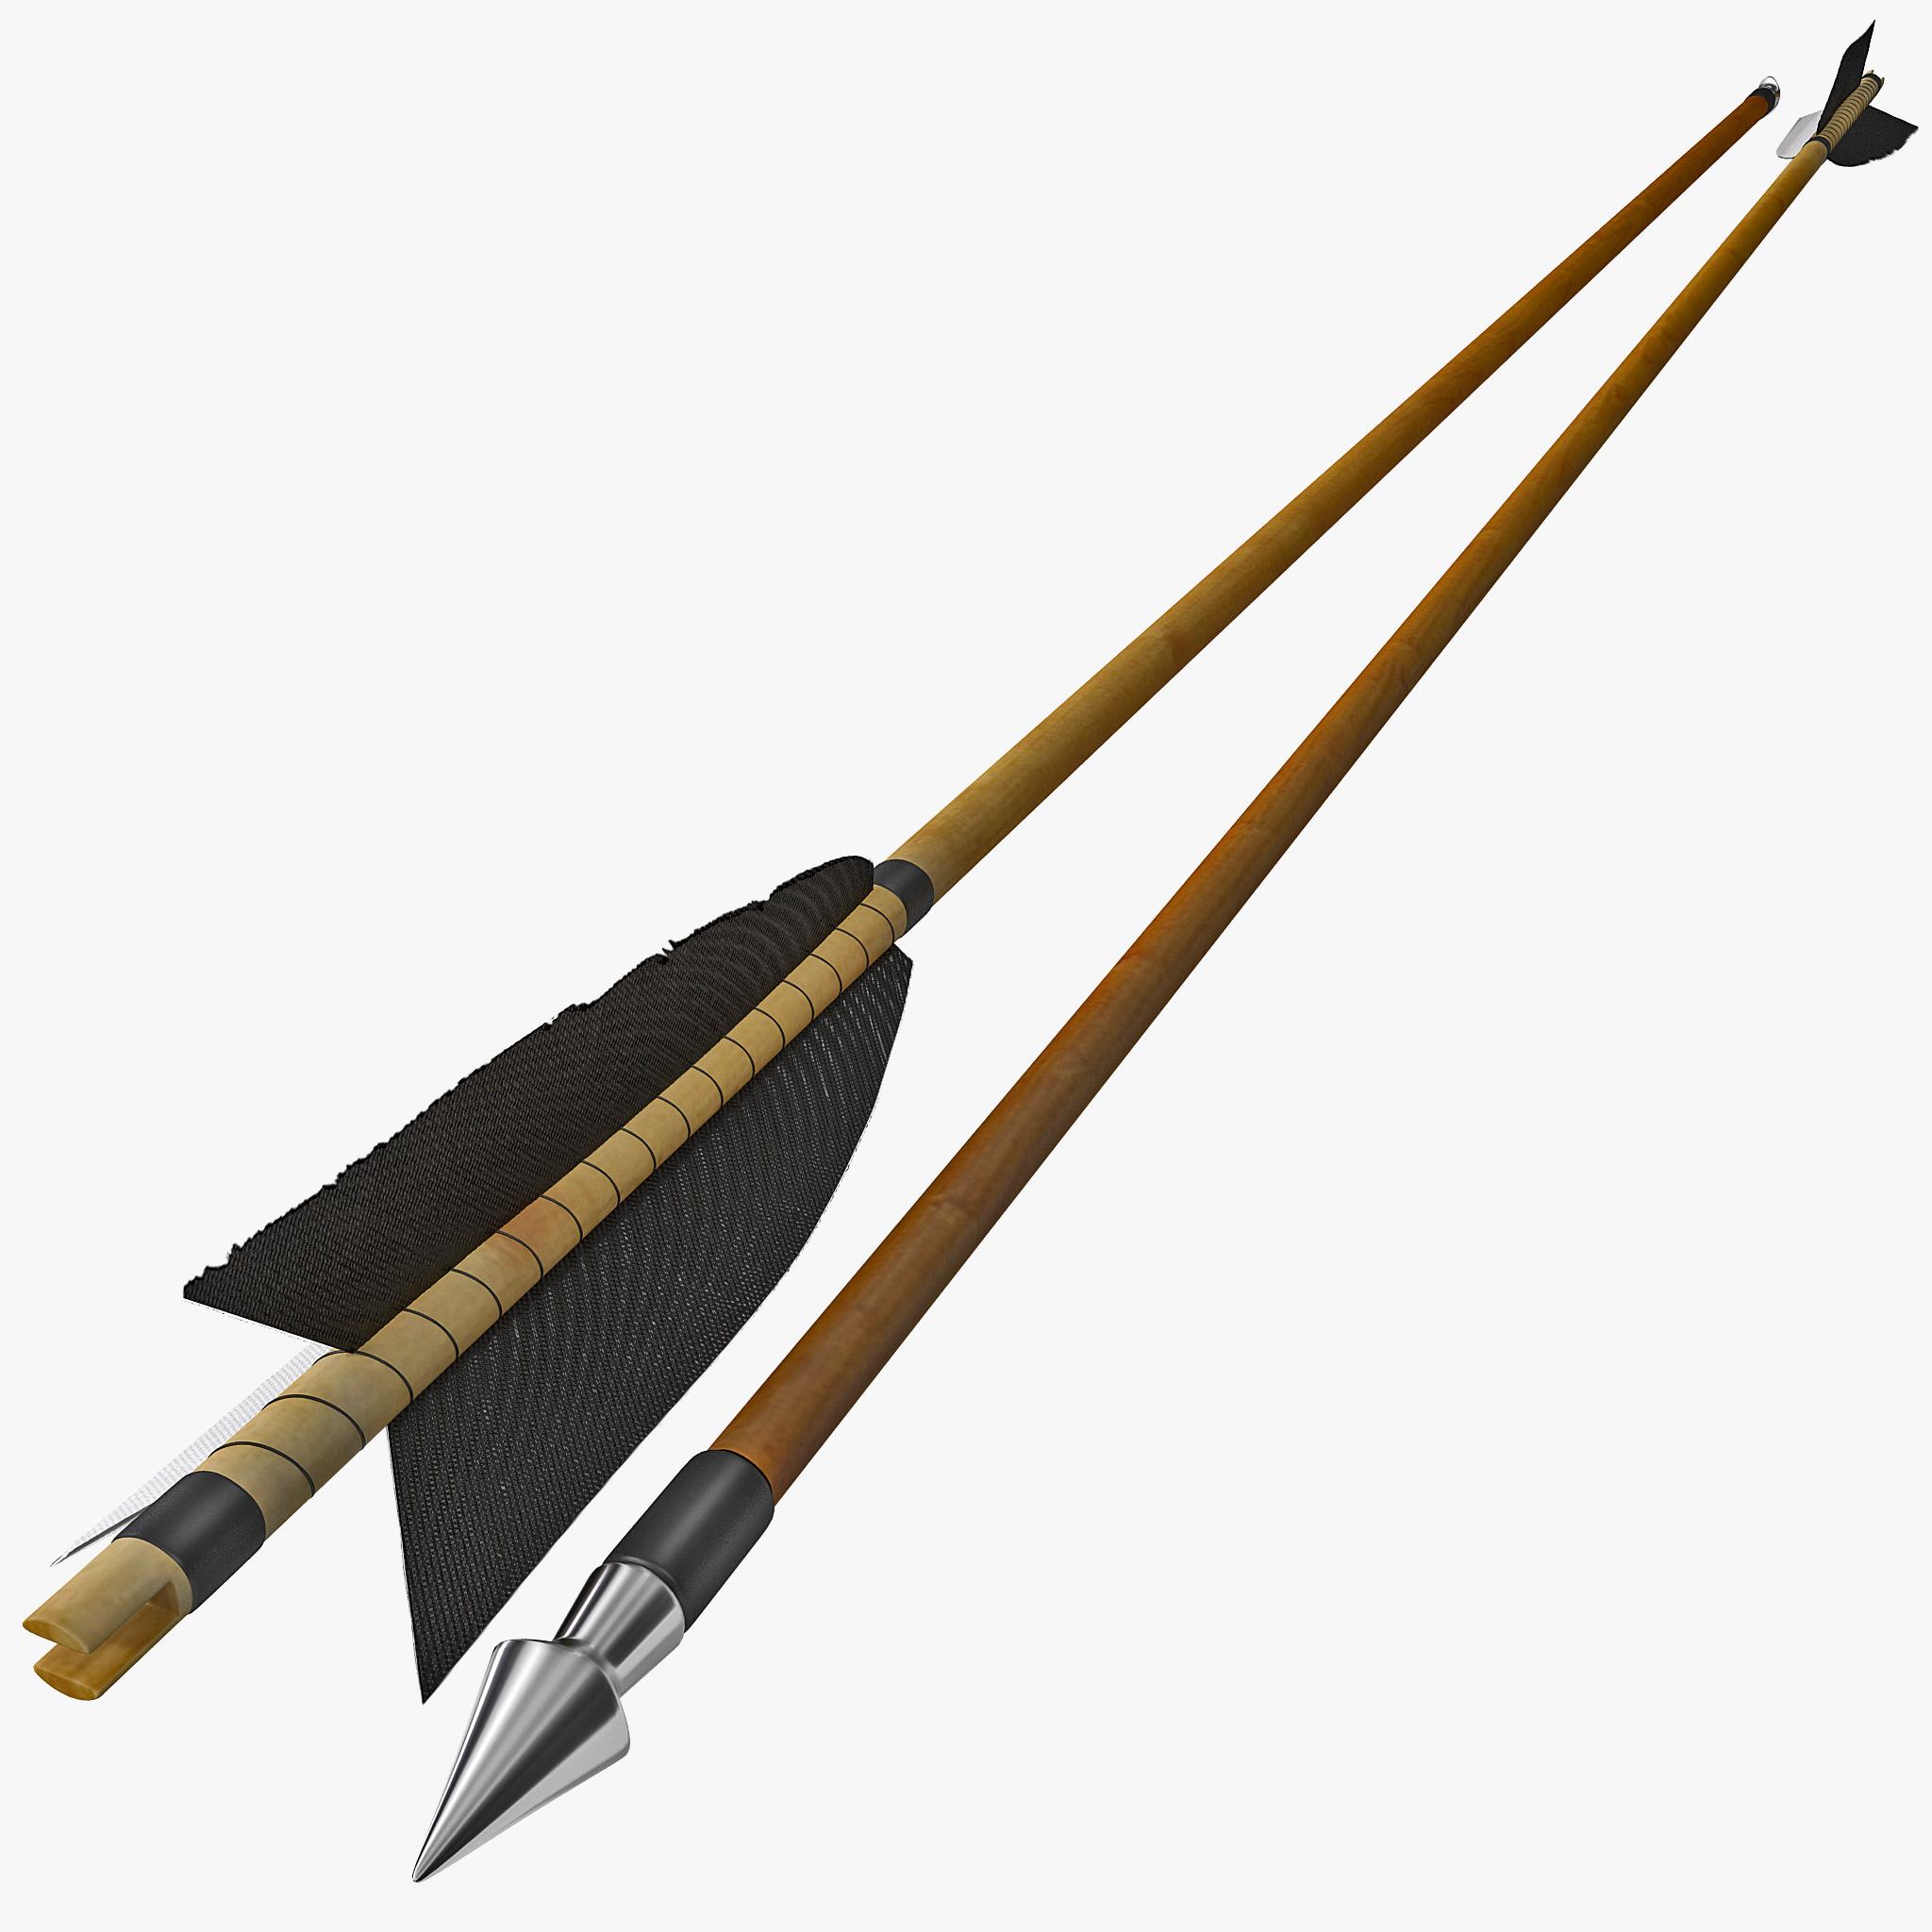 3ds max arrow